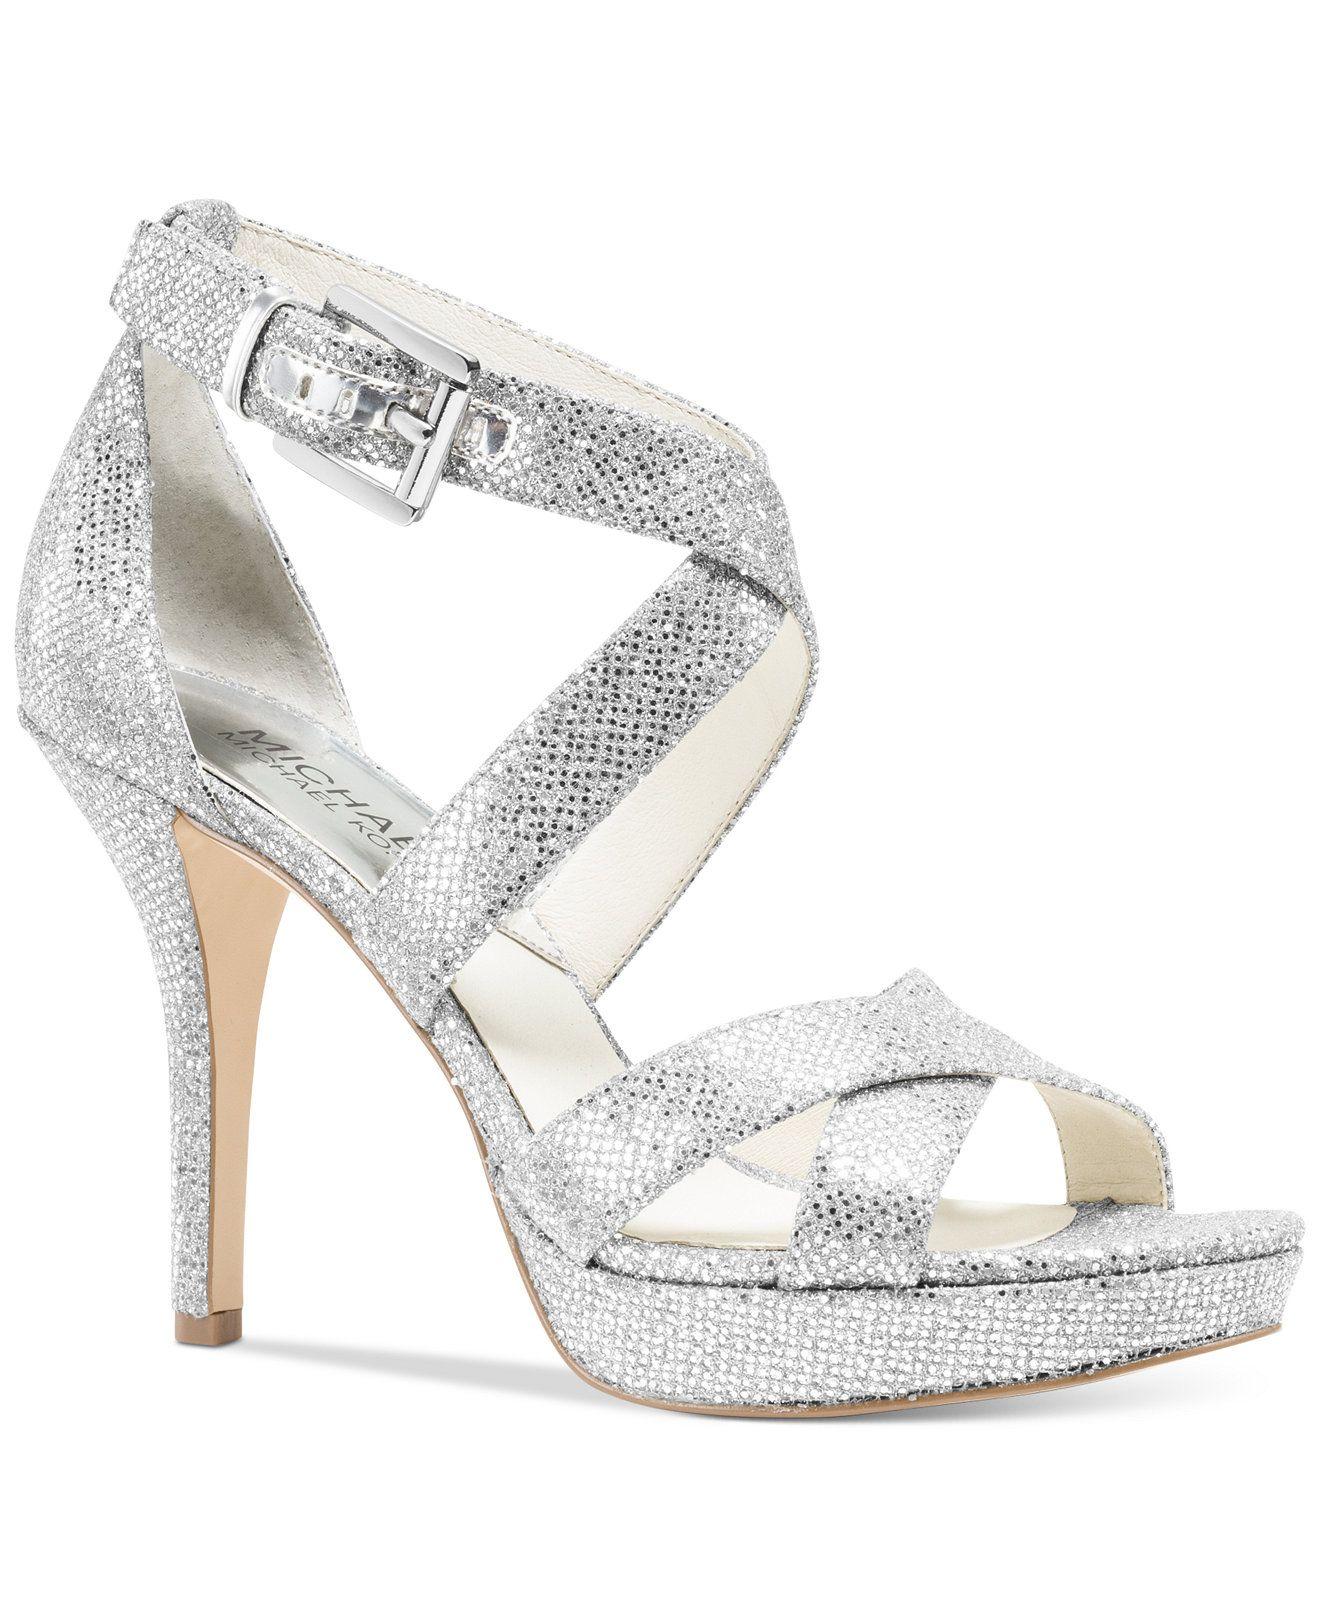 99.00 on sale MICHAEL Michael Kors Evie Platform Sandals